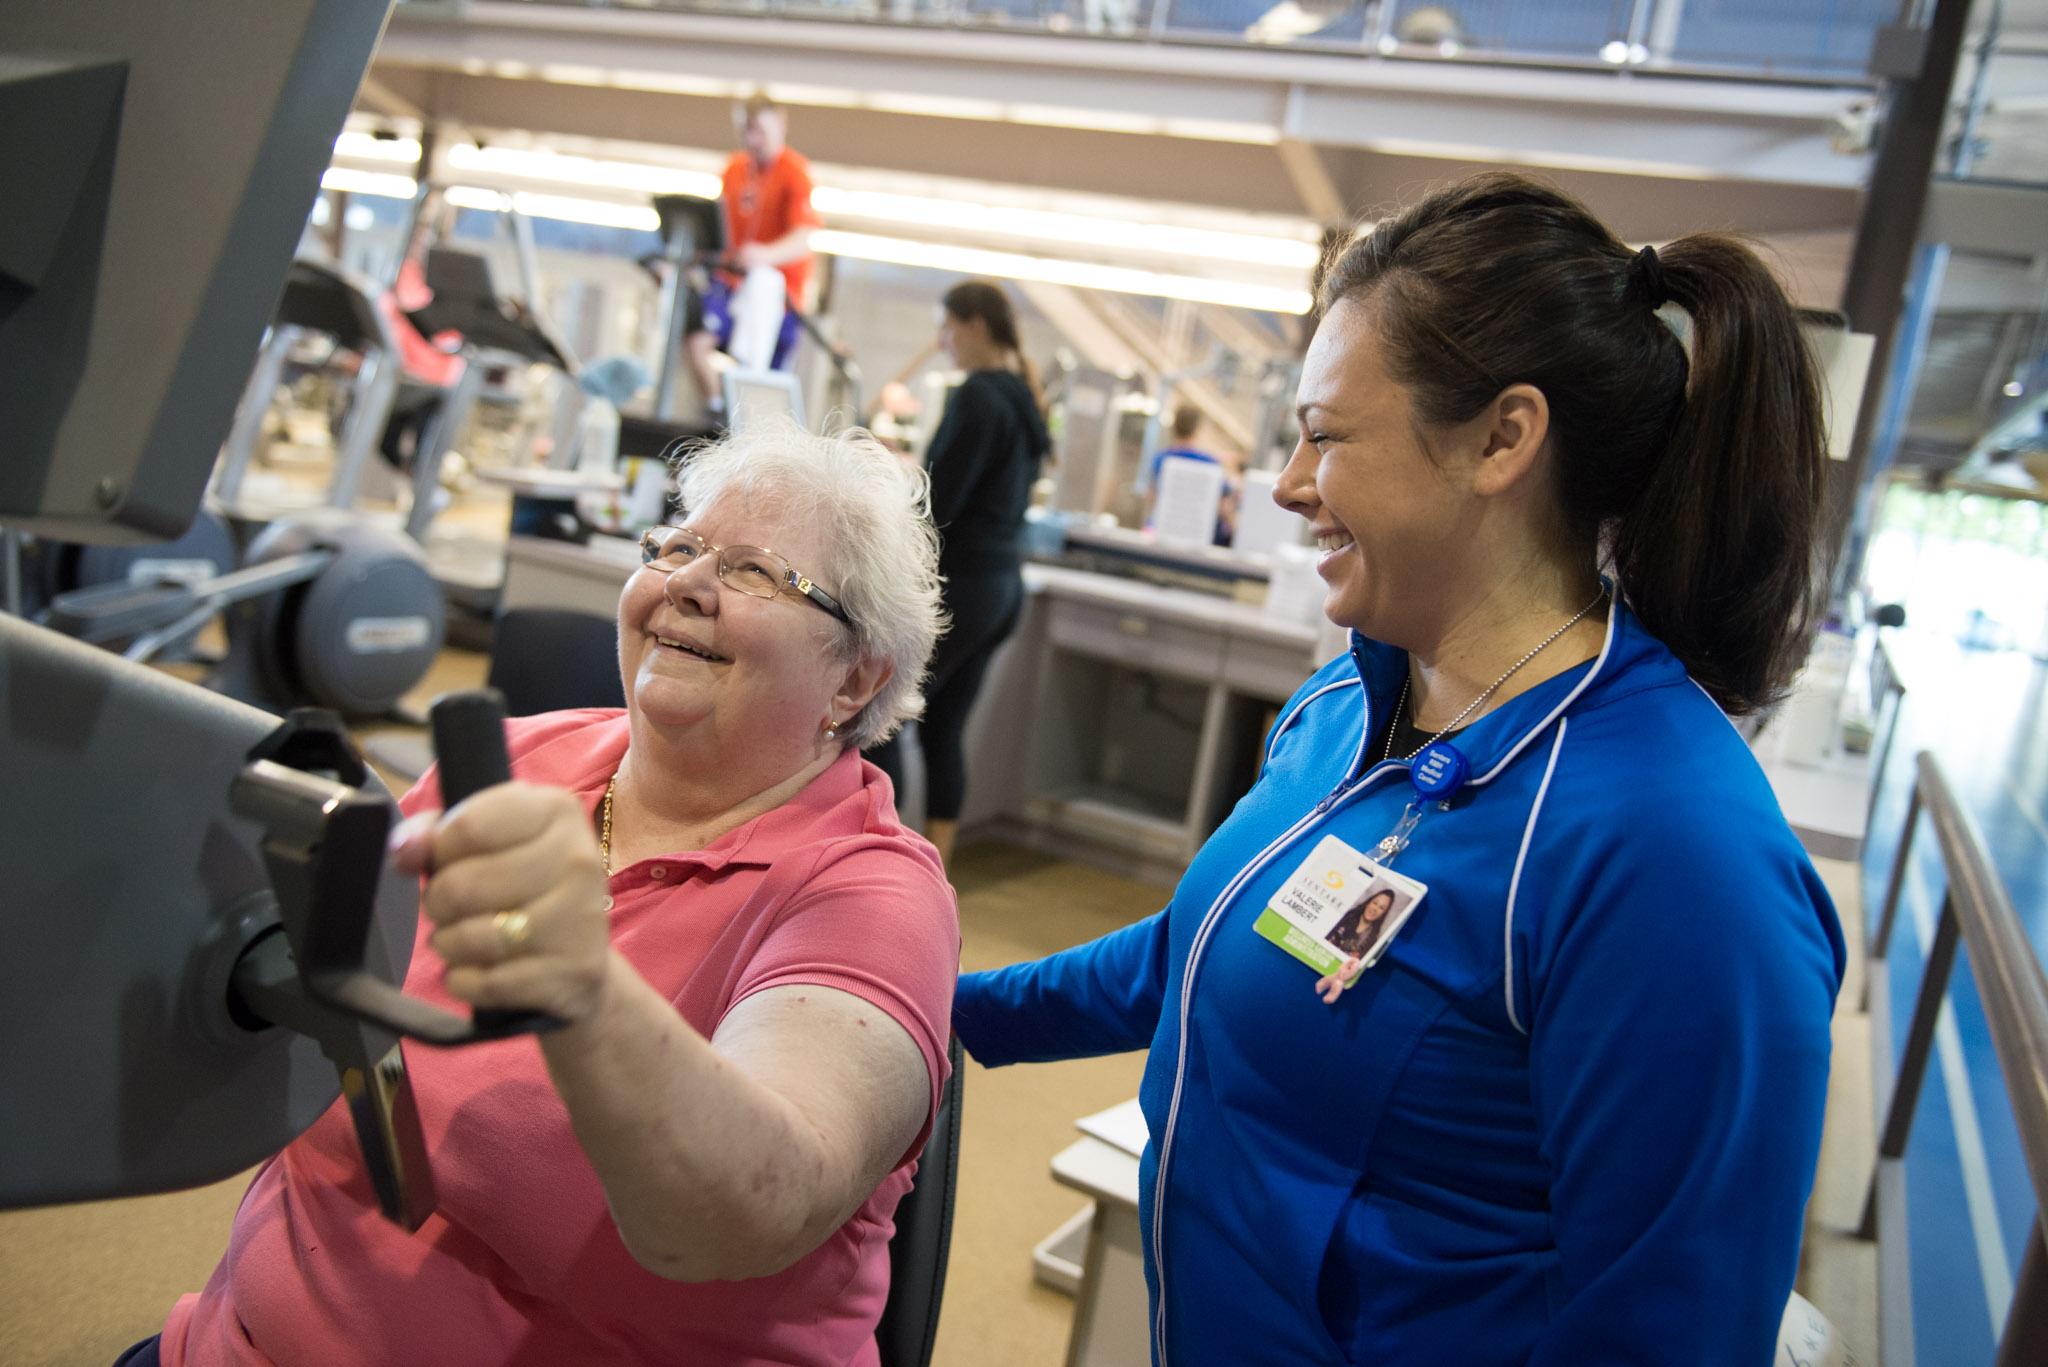 Wellness Center Stock Photos-1375.jpg